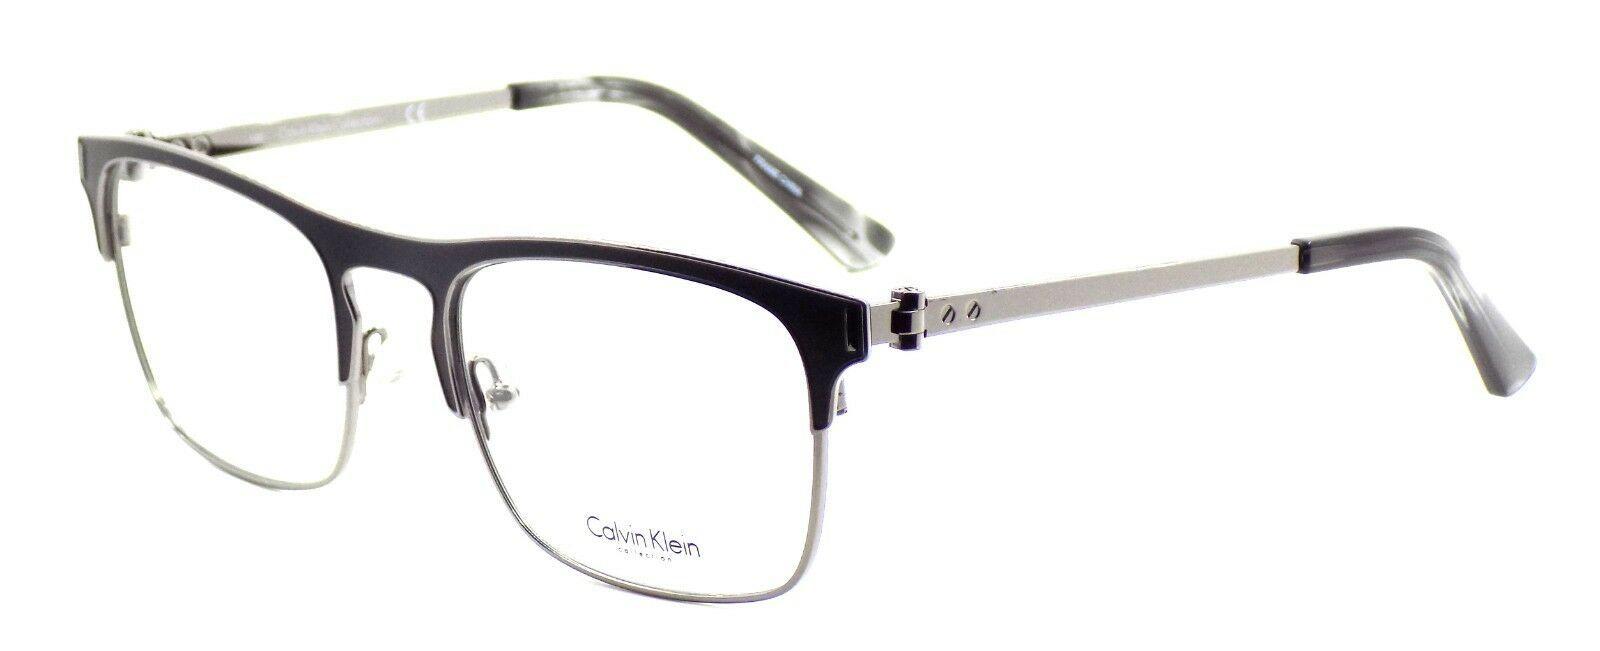 Calvin Klein CK8016 001 Men's Eyeglasses Frames Black 52-20-140 + CASE